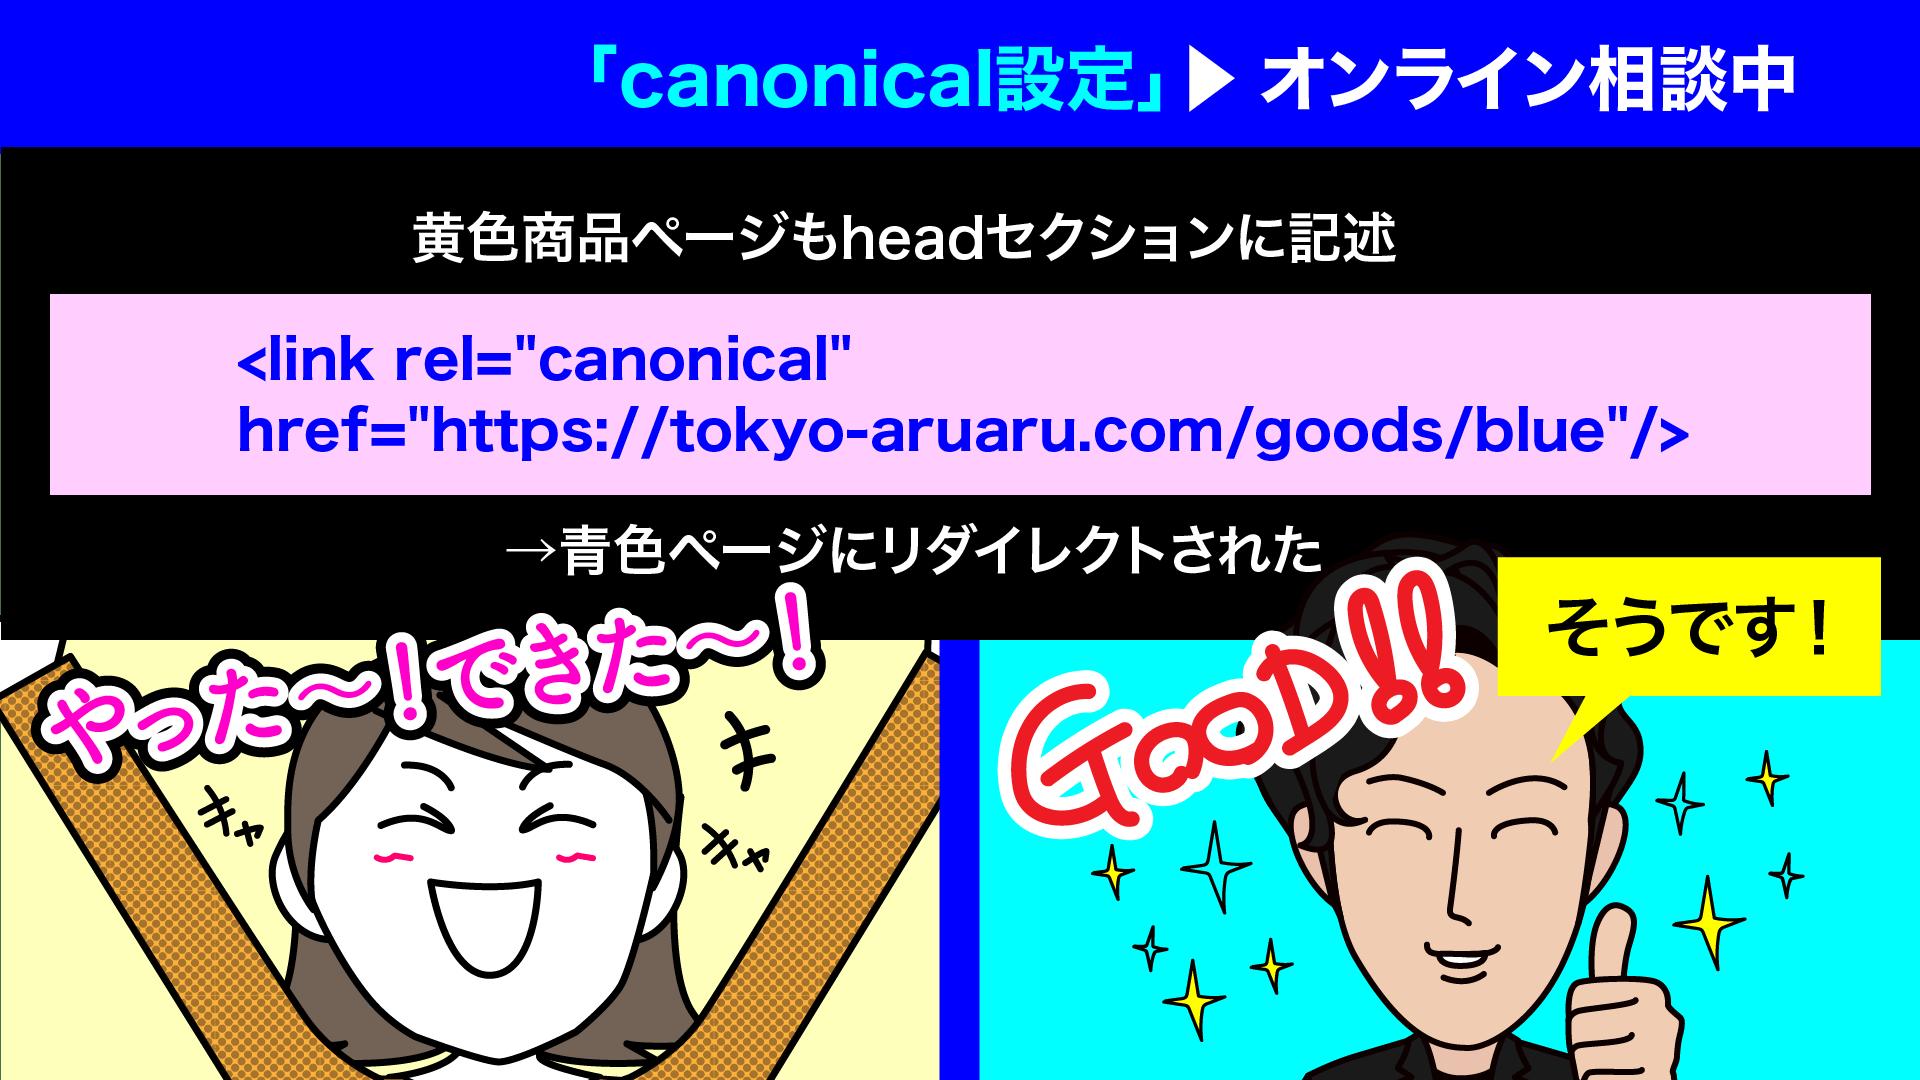 SEOあるある漫画‐ECサイトで重要なcanonical設定⑤